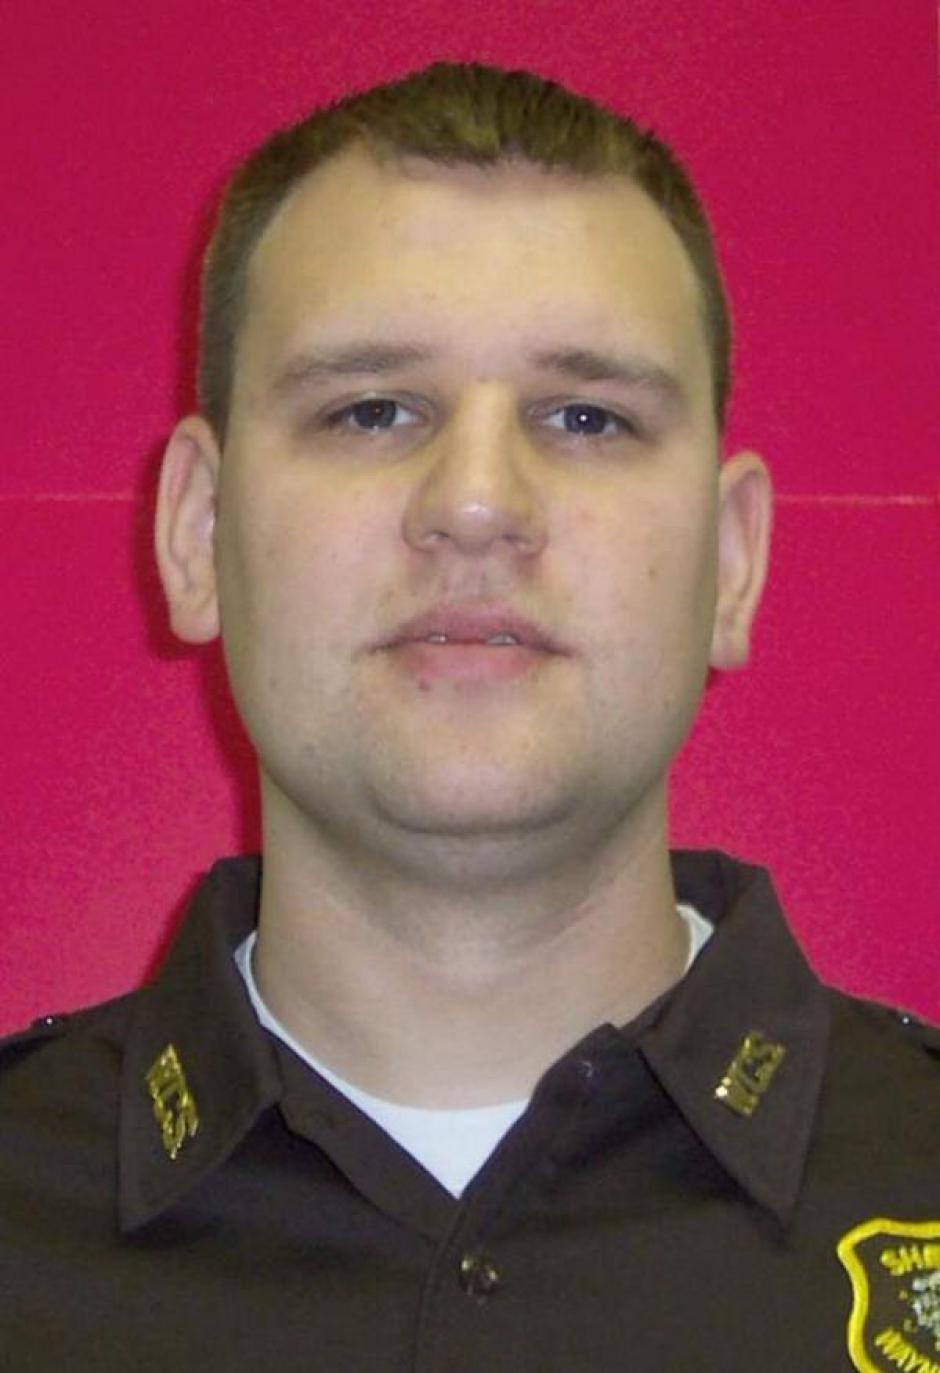 El oficial de la Policía de Dallas, Michael Krol, se graduó de la Academia de Policía de Dallas. (Foto: www.infobae.com)